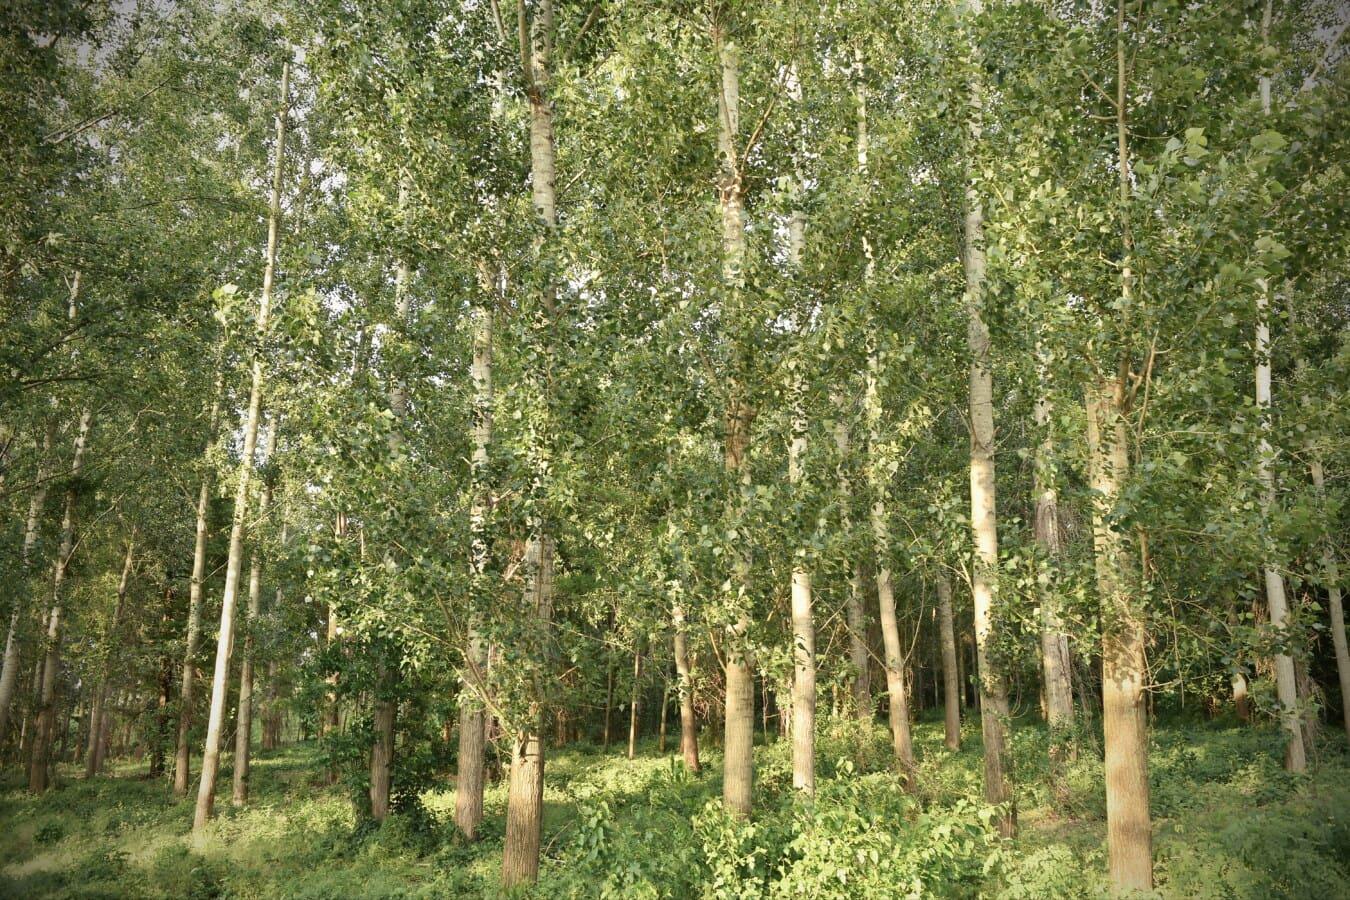 Wald, Pappel, Grün, Bäume, Frühling, Landschaft, Blatt, Struktur, Birke, Holz